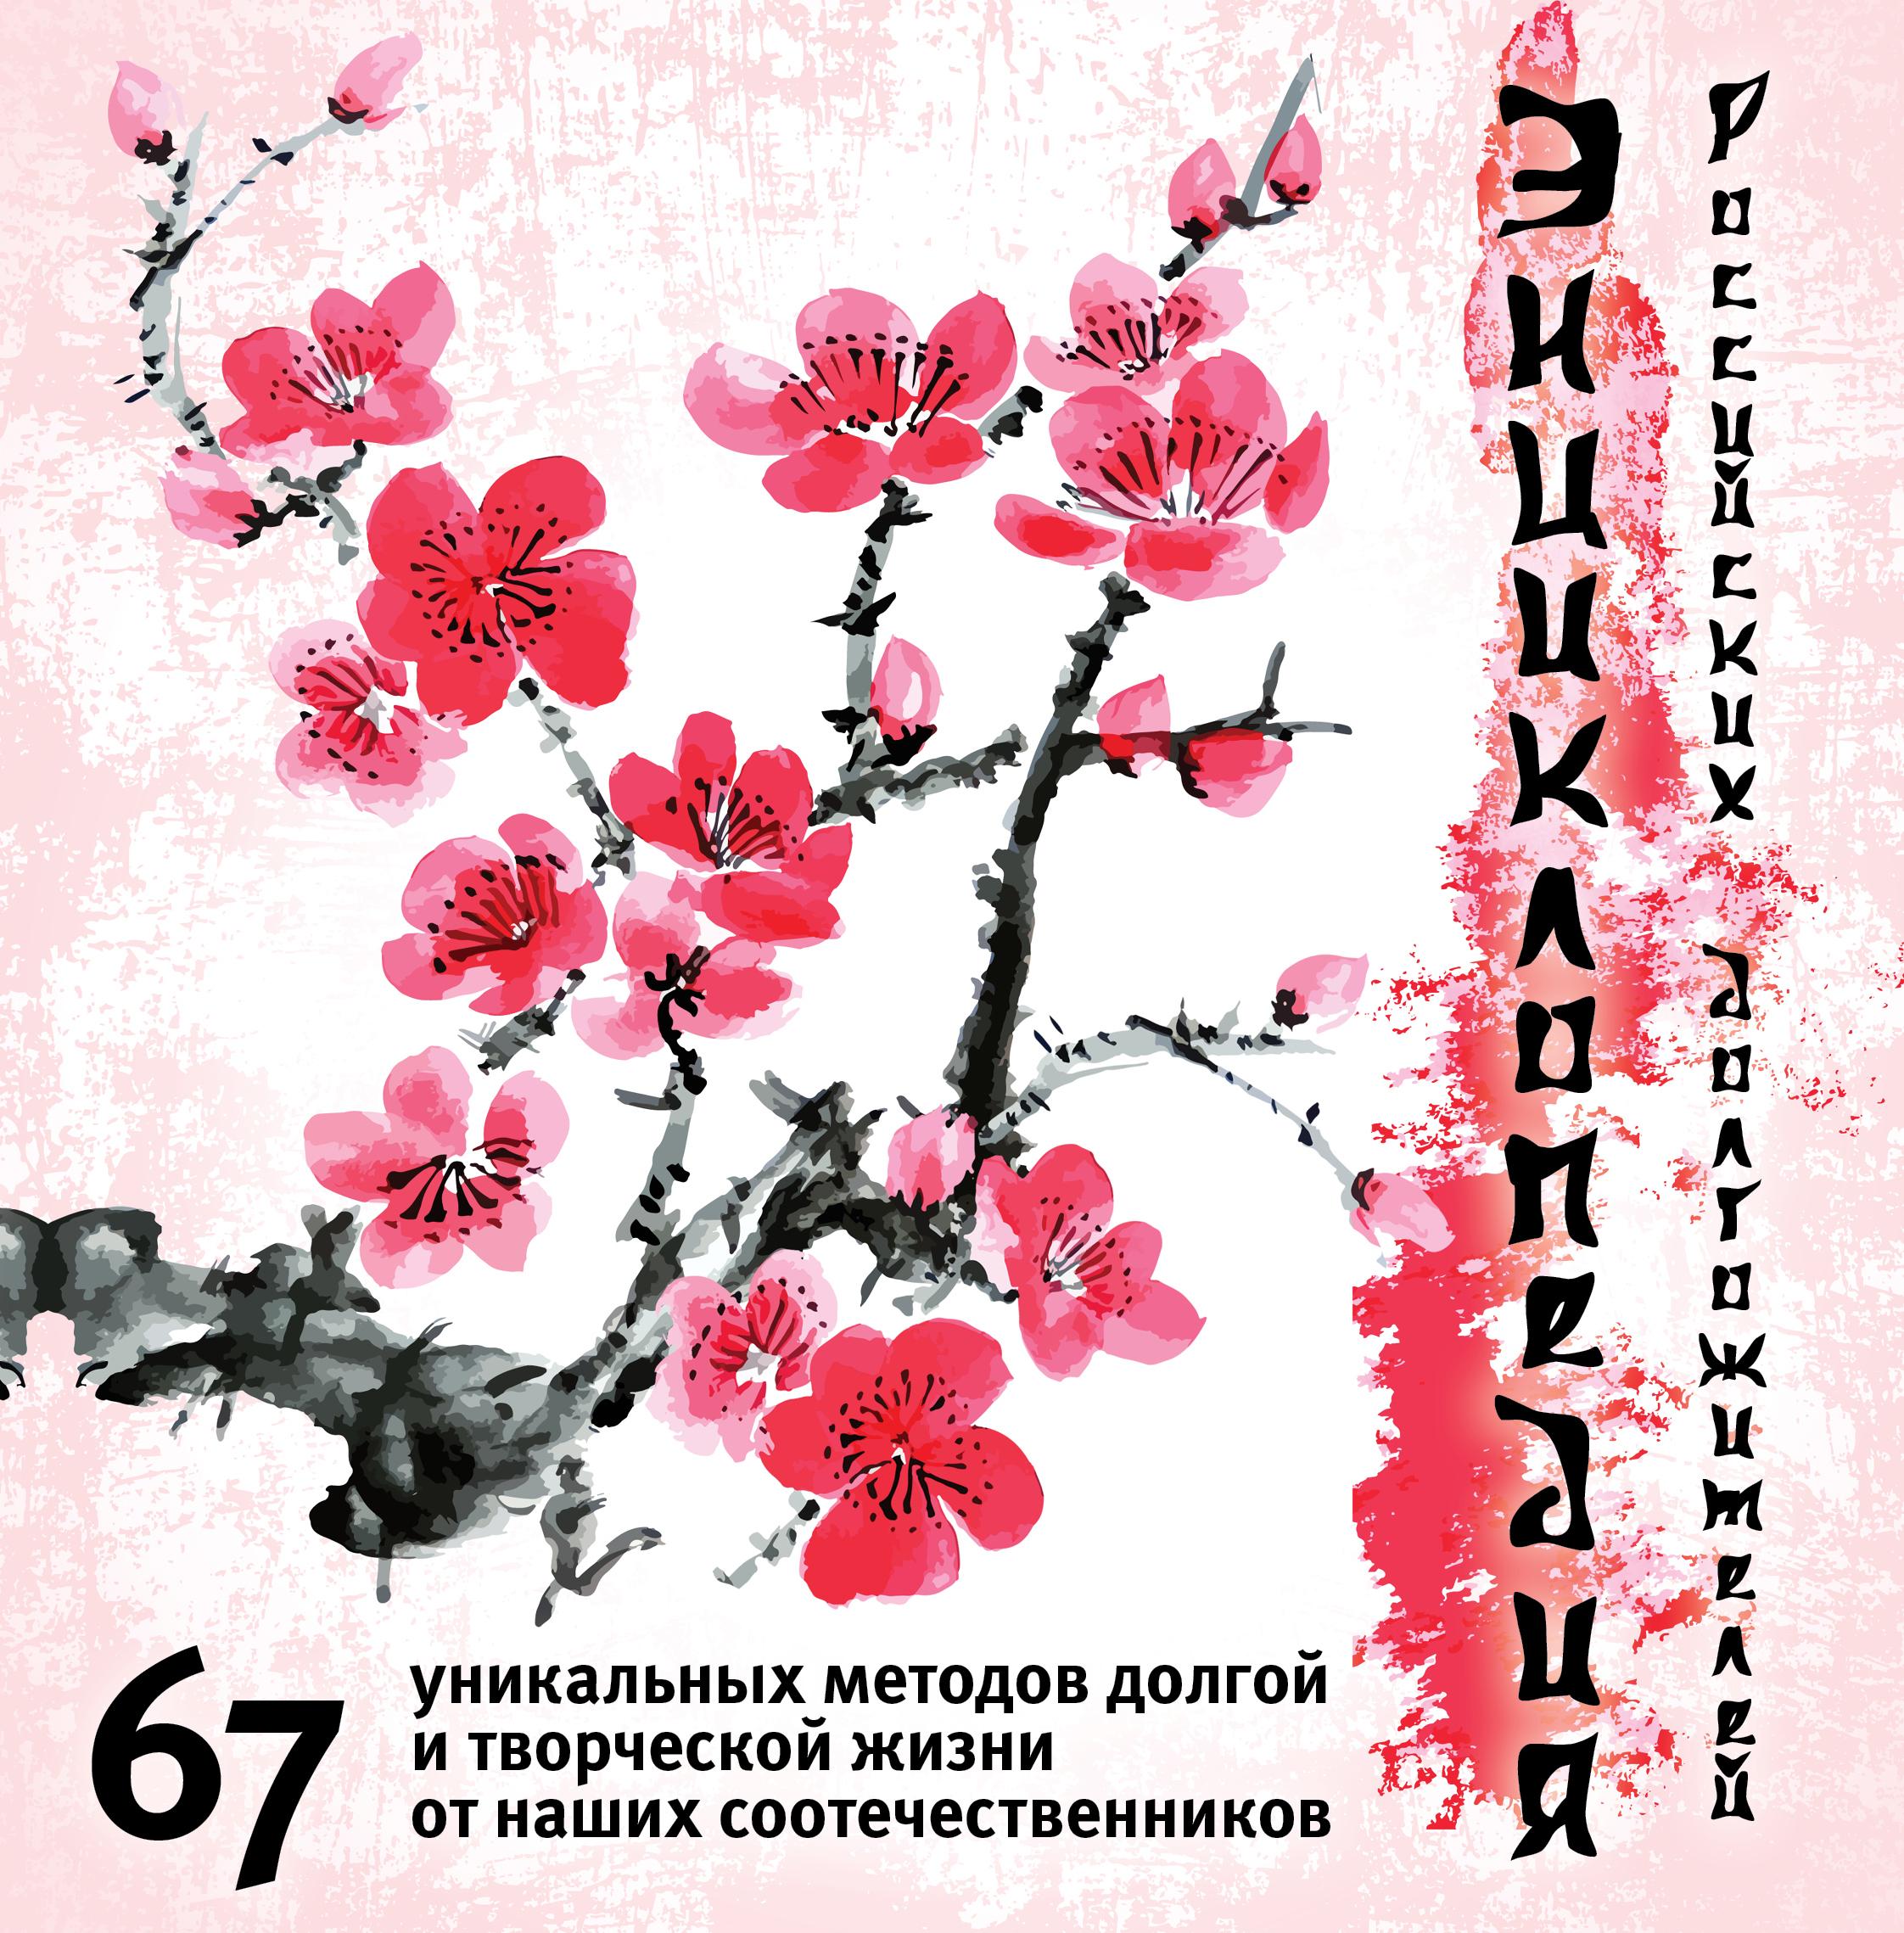 Энциклопедия российских долгожителей от book24.ru